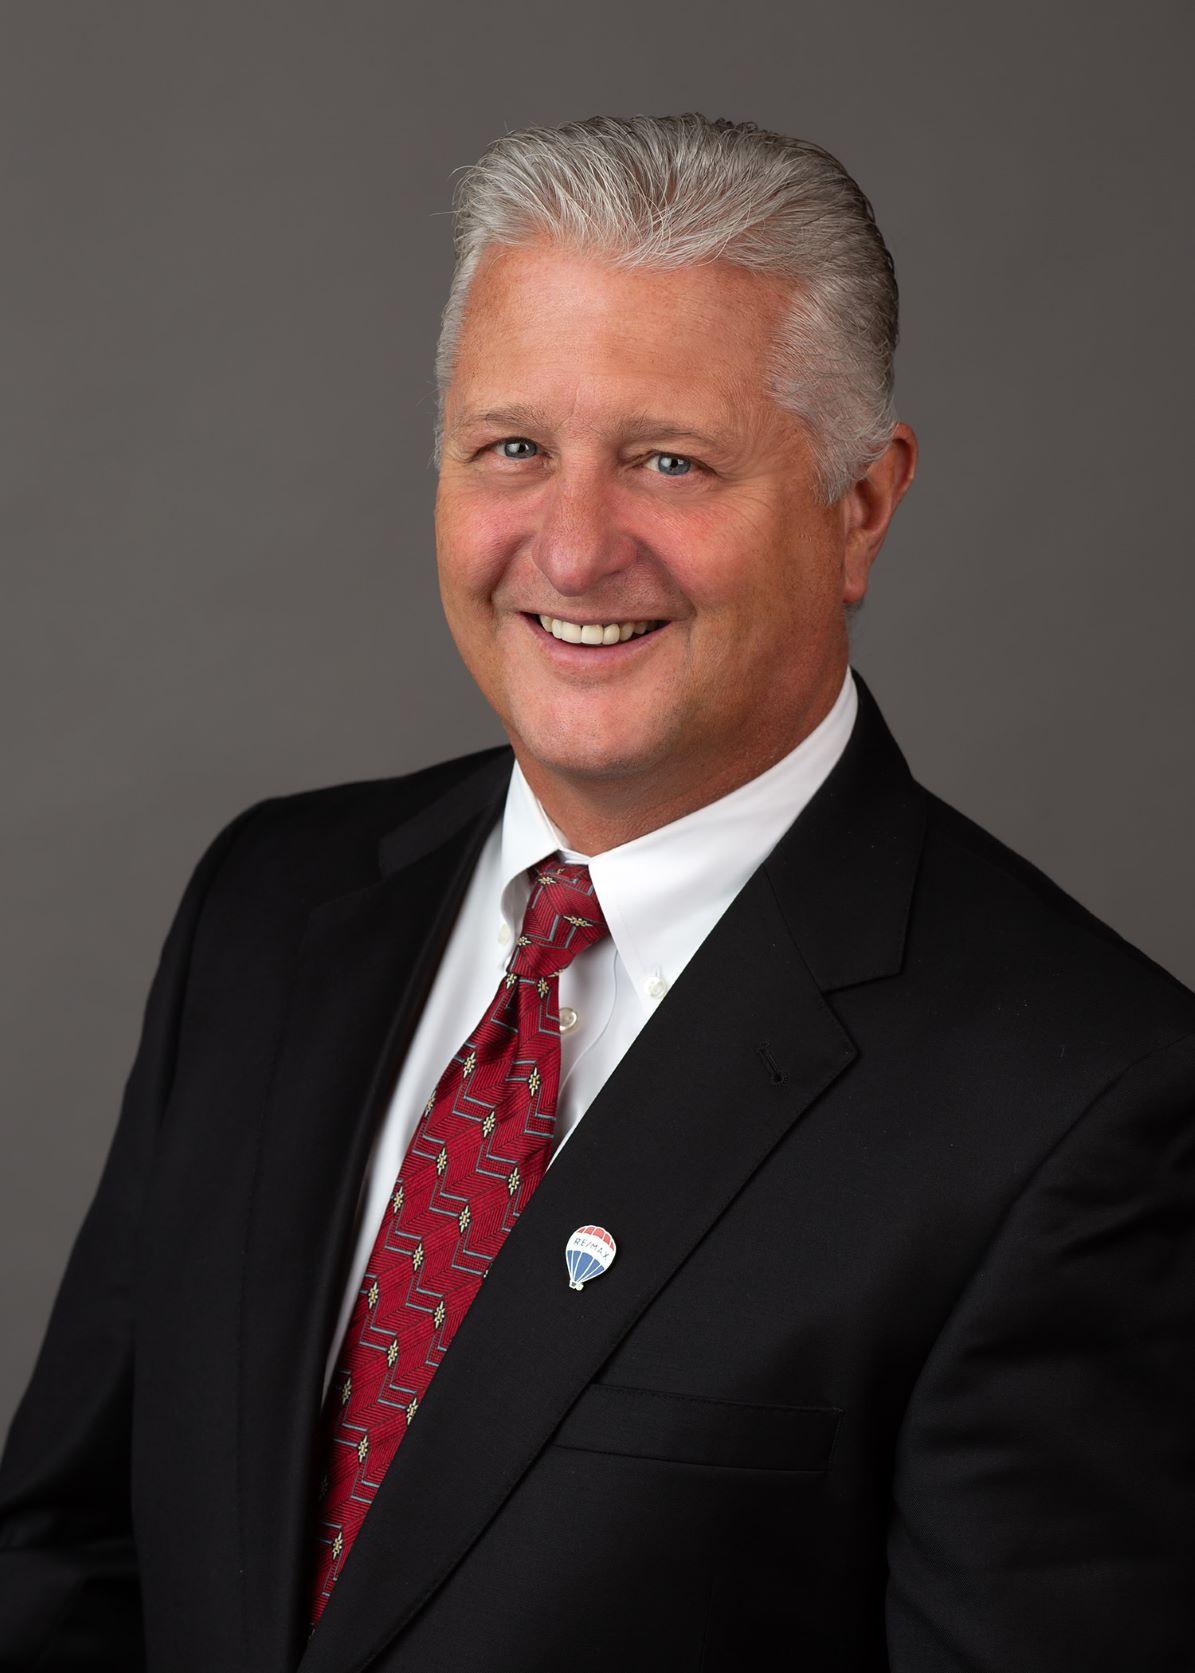 Tony Lechner